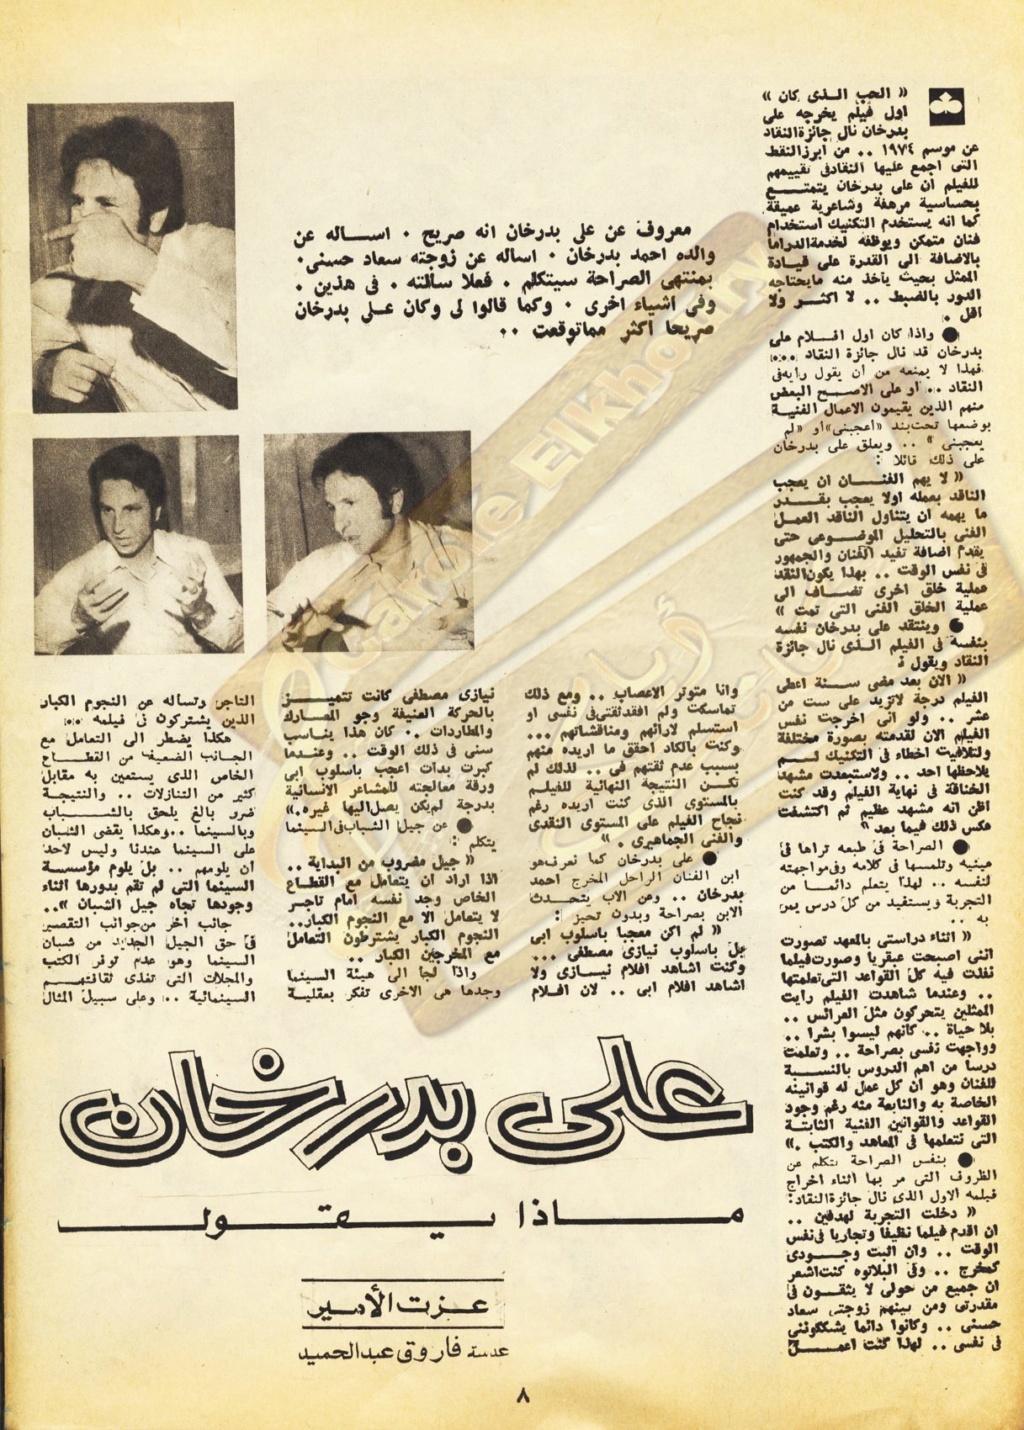 حوار صحفي : على بدرخان .. ماذا يقول عن زوجته سعاد حسني ؟ 1974 م 148